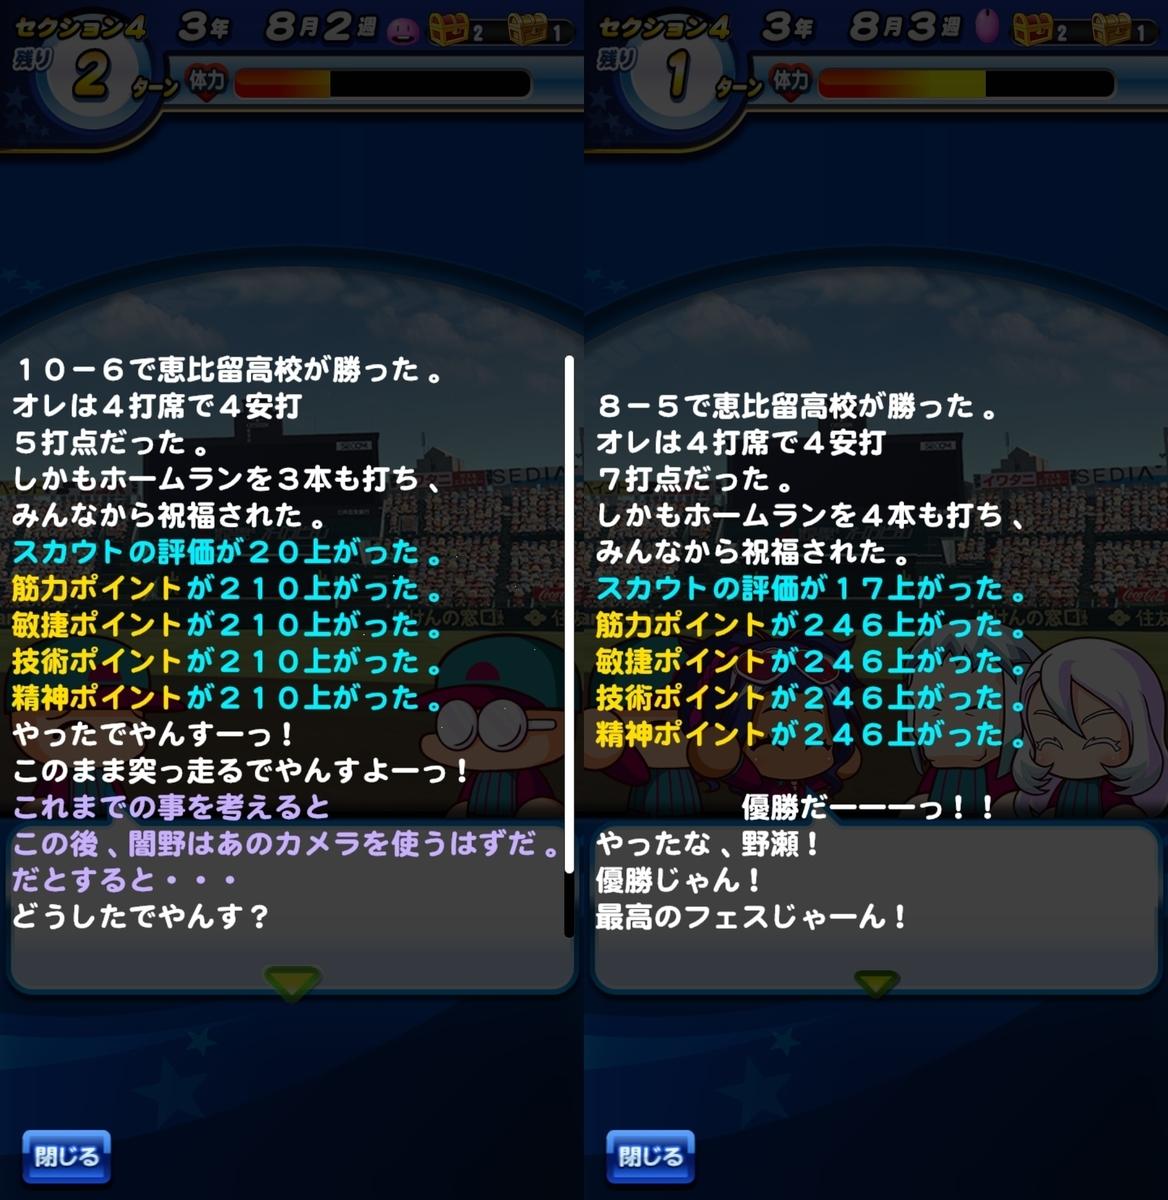 f:id:arimurasaji:20211005221407j:plain